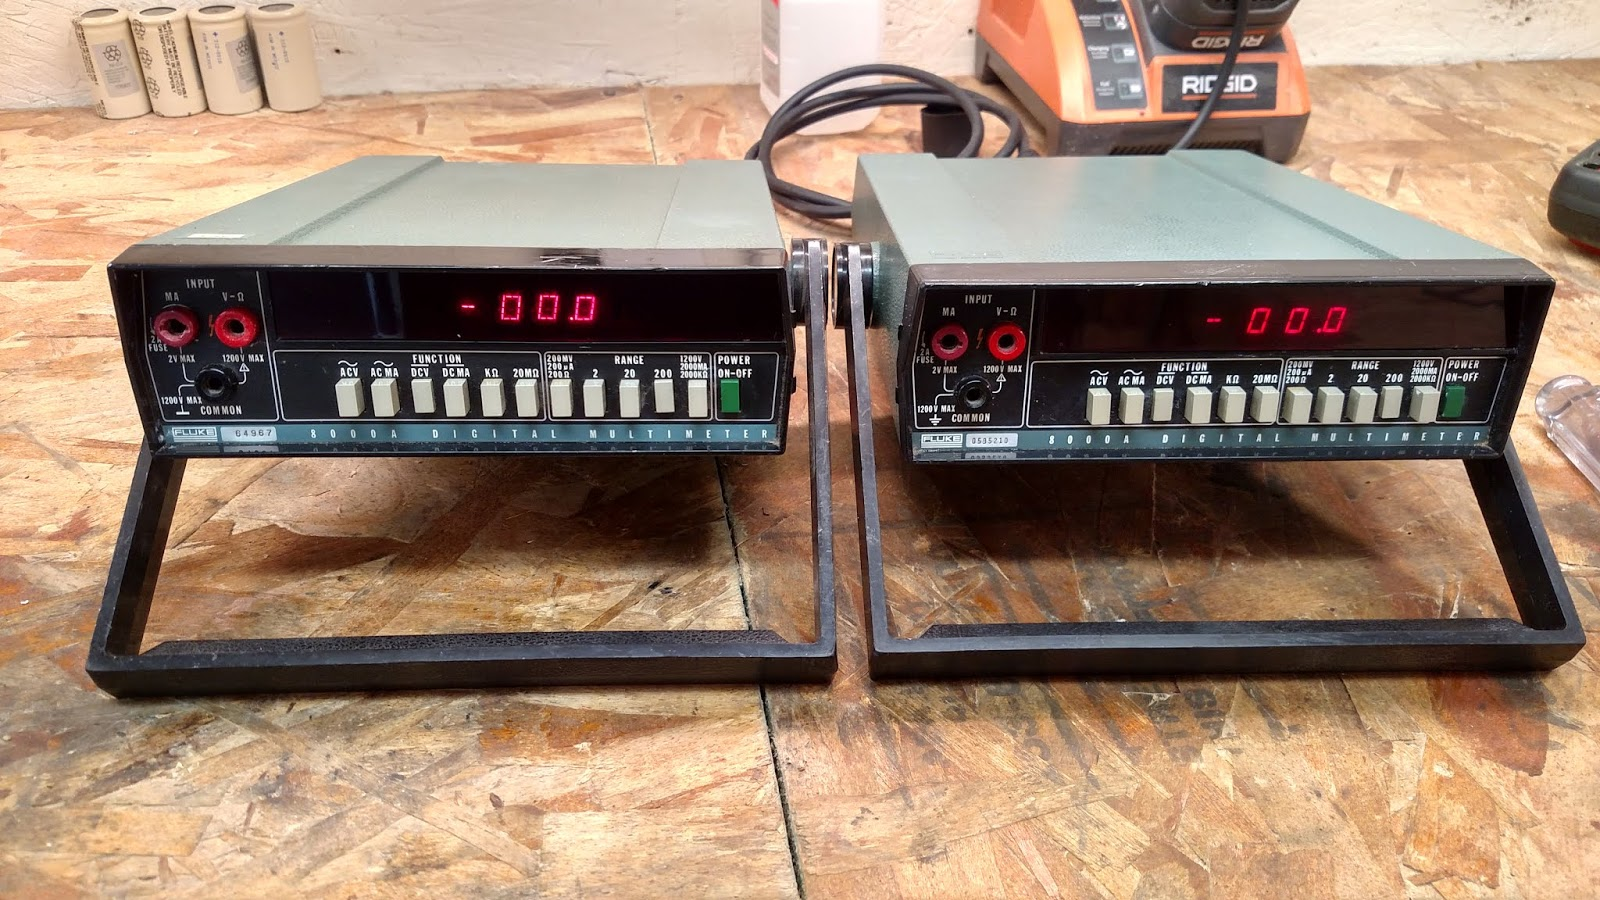 Spud's blog: An Old School Digital Multimeter (DMM) - Updated